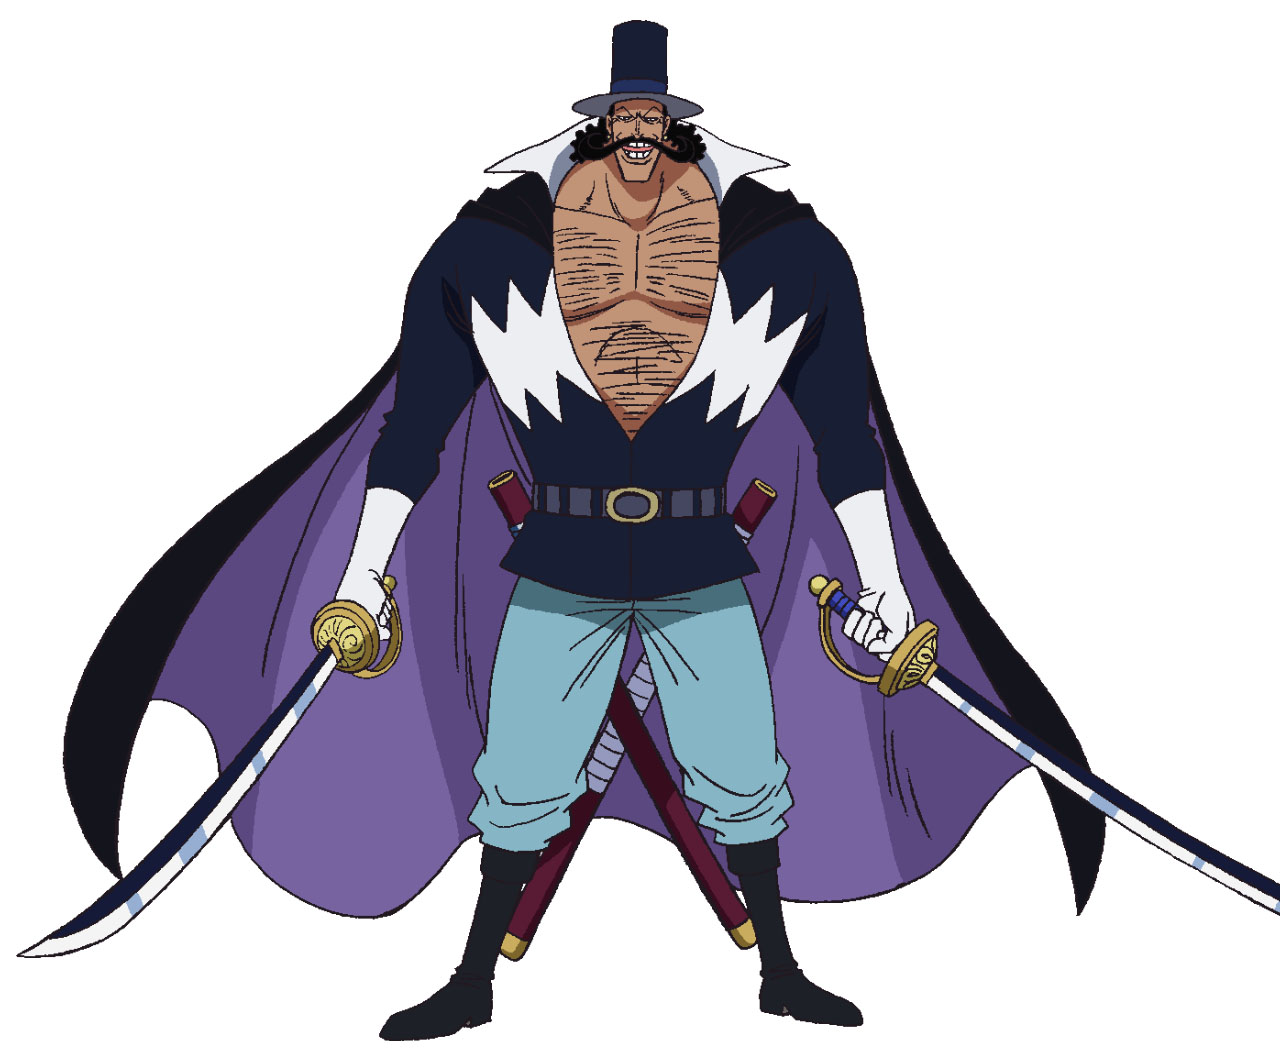 【ワンピース】ビスタは白ひげ海賊団・5番隊隊長!年齢や強さや能力は?